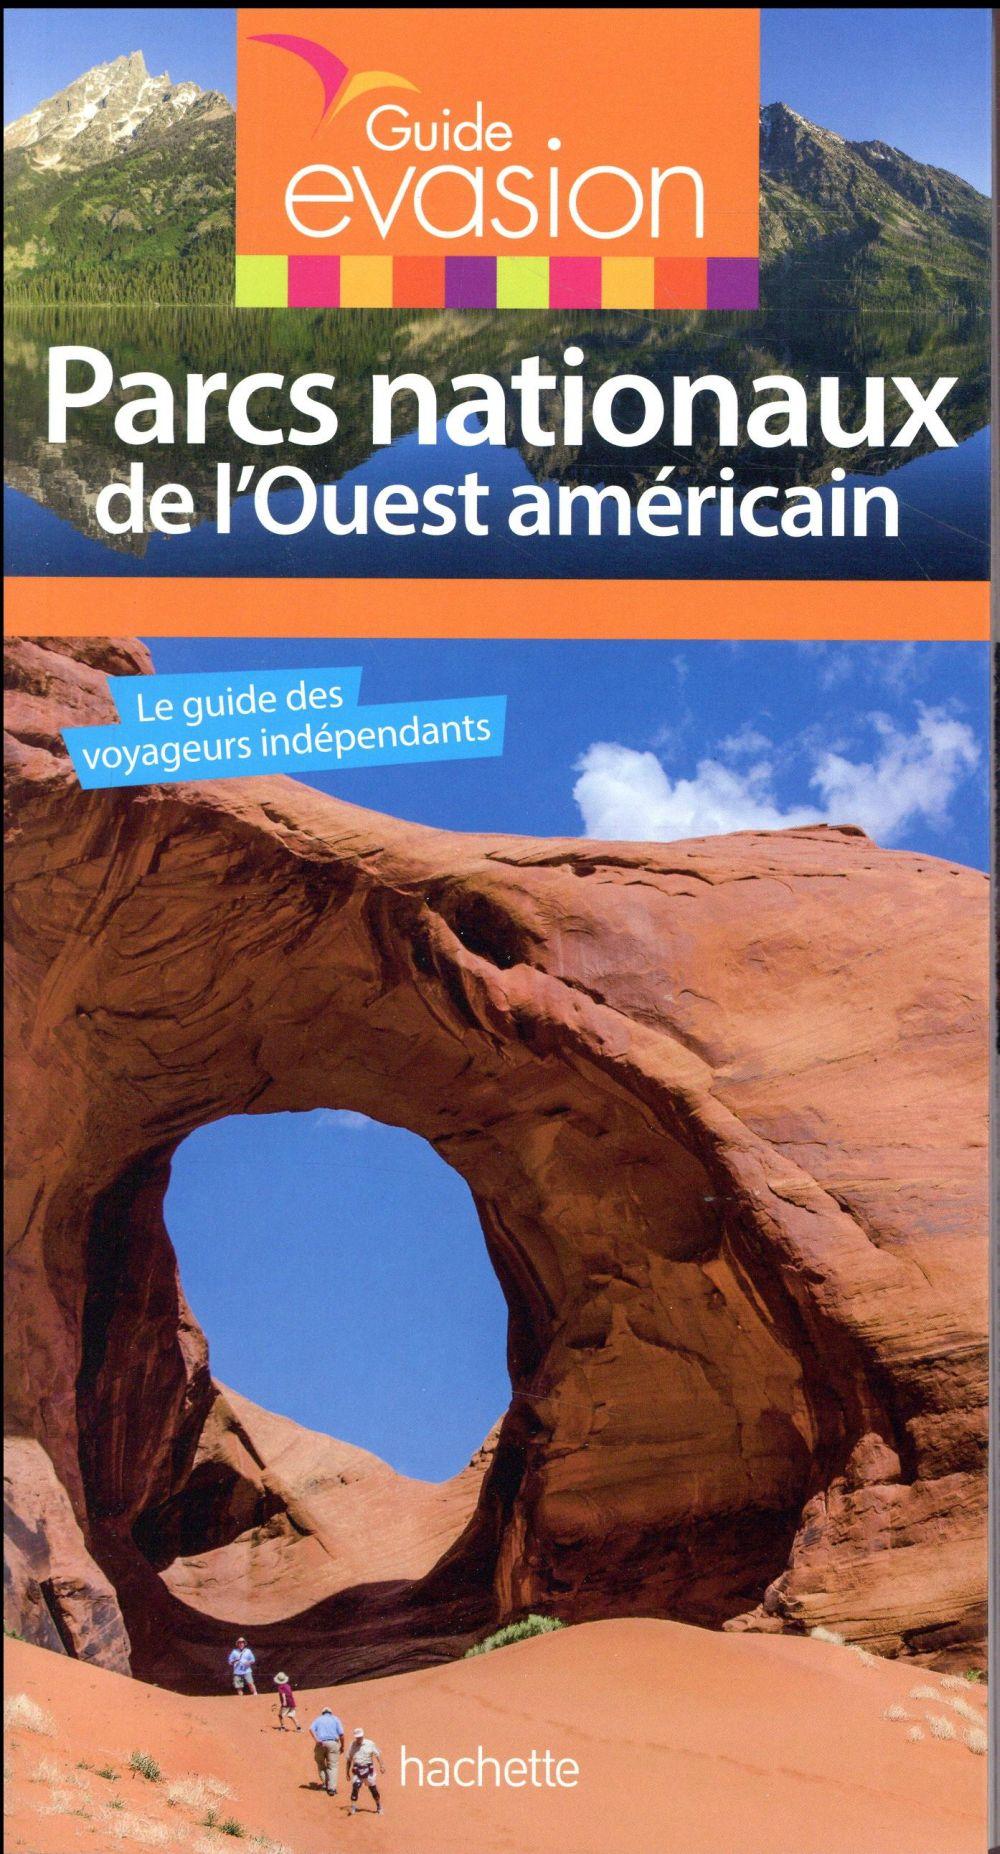 Guide évasion ; parcs nationaux ouest américain